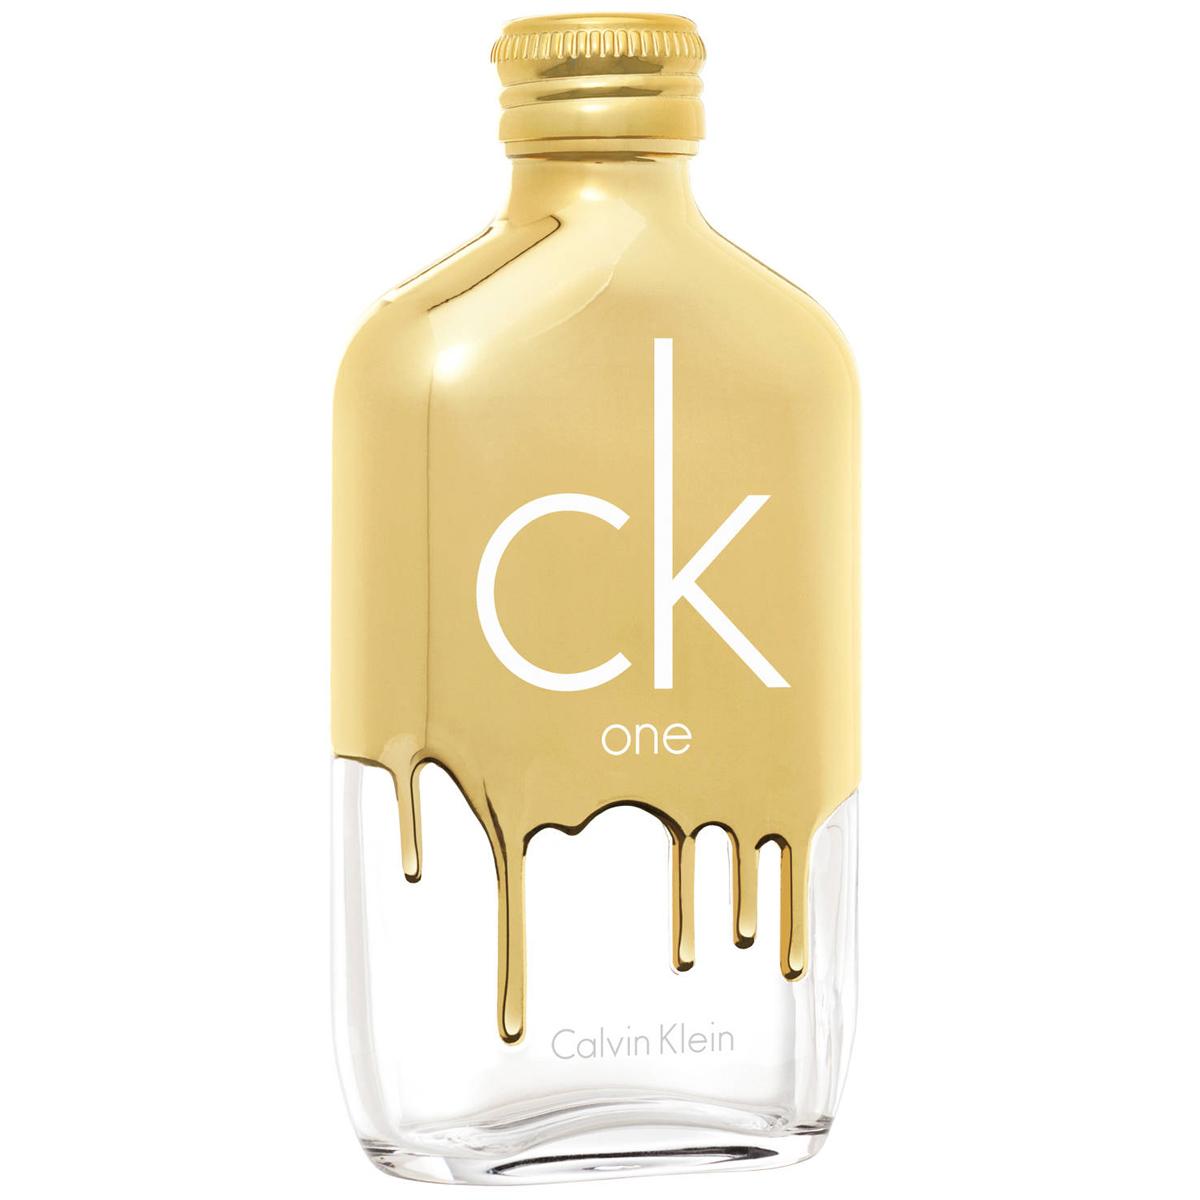 Calvin Klein - cK one Gold - Eau de Toilette